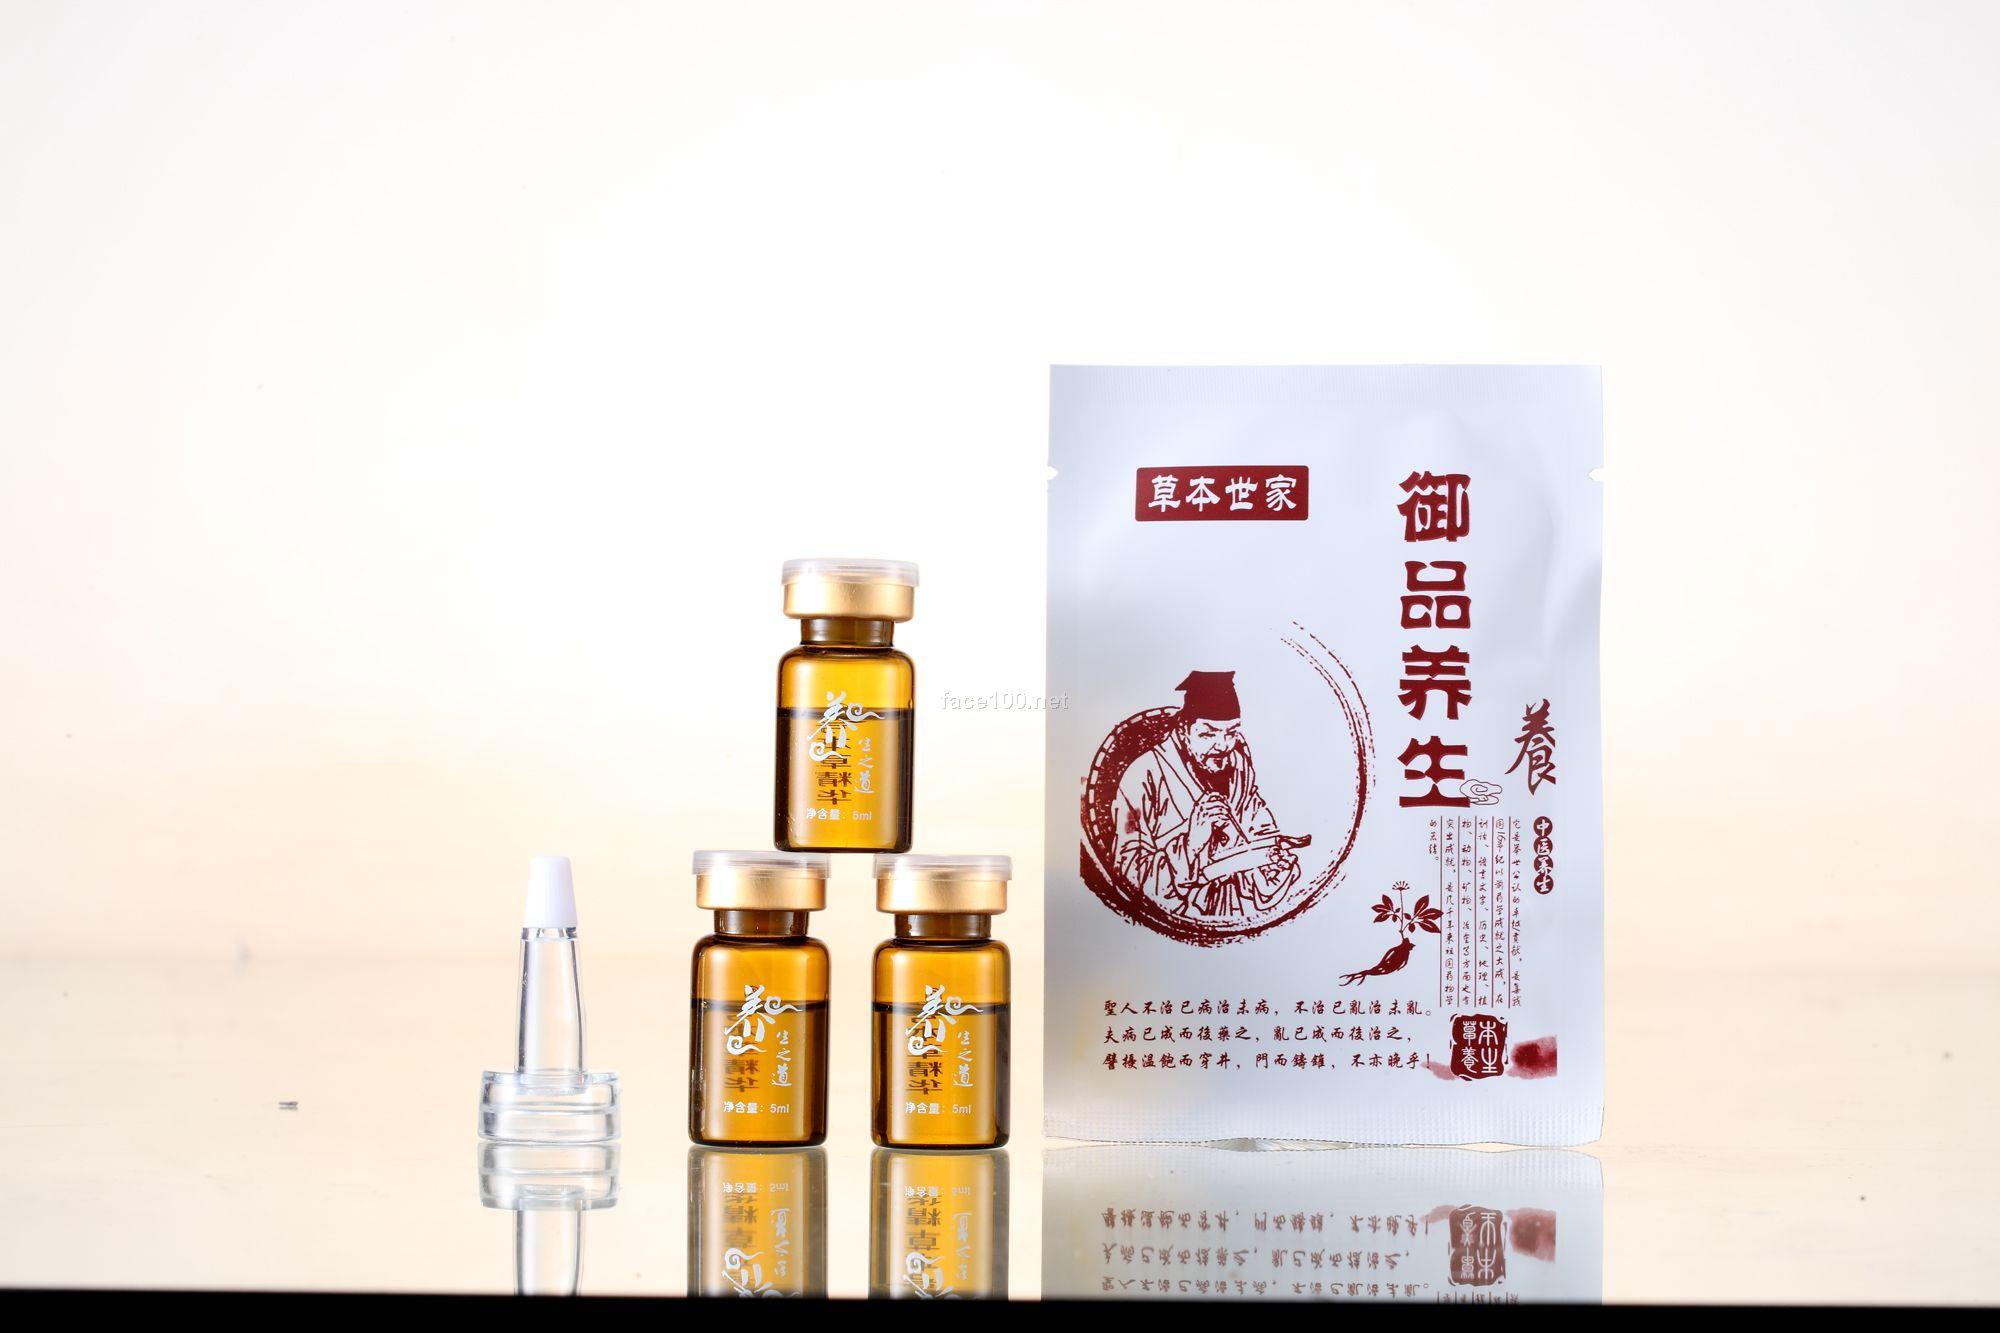 蜂疗—法国雅馨安娜盆部理疗养生套